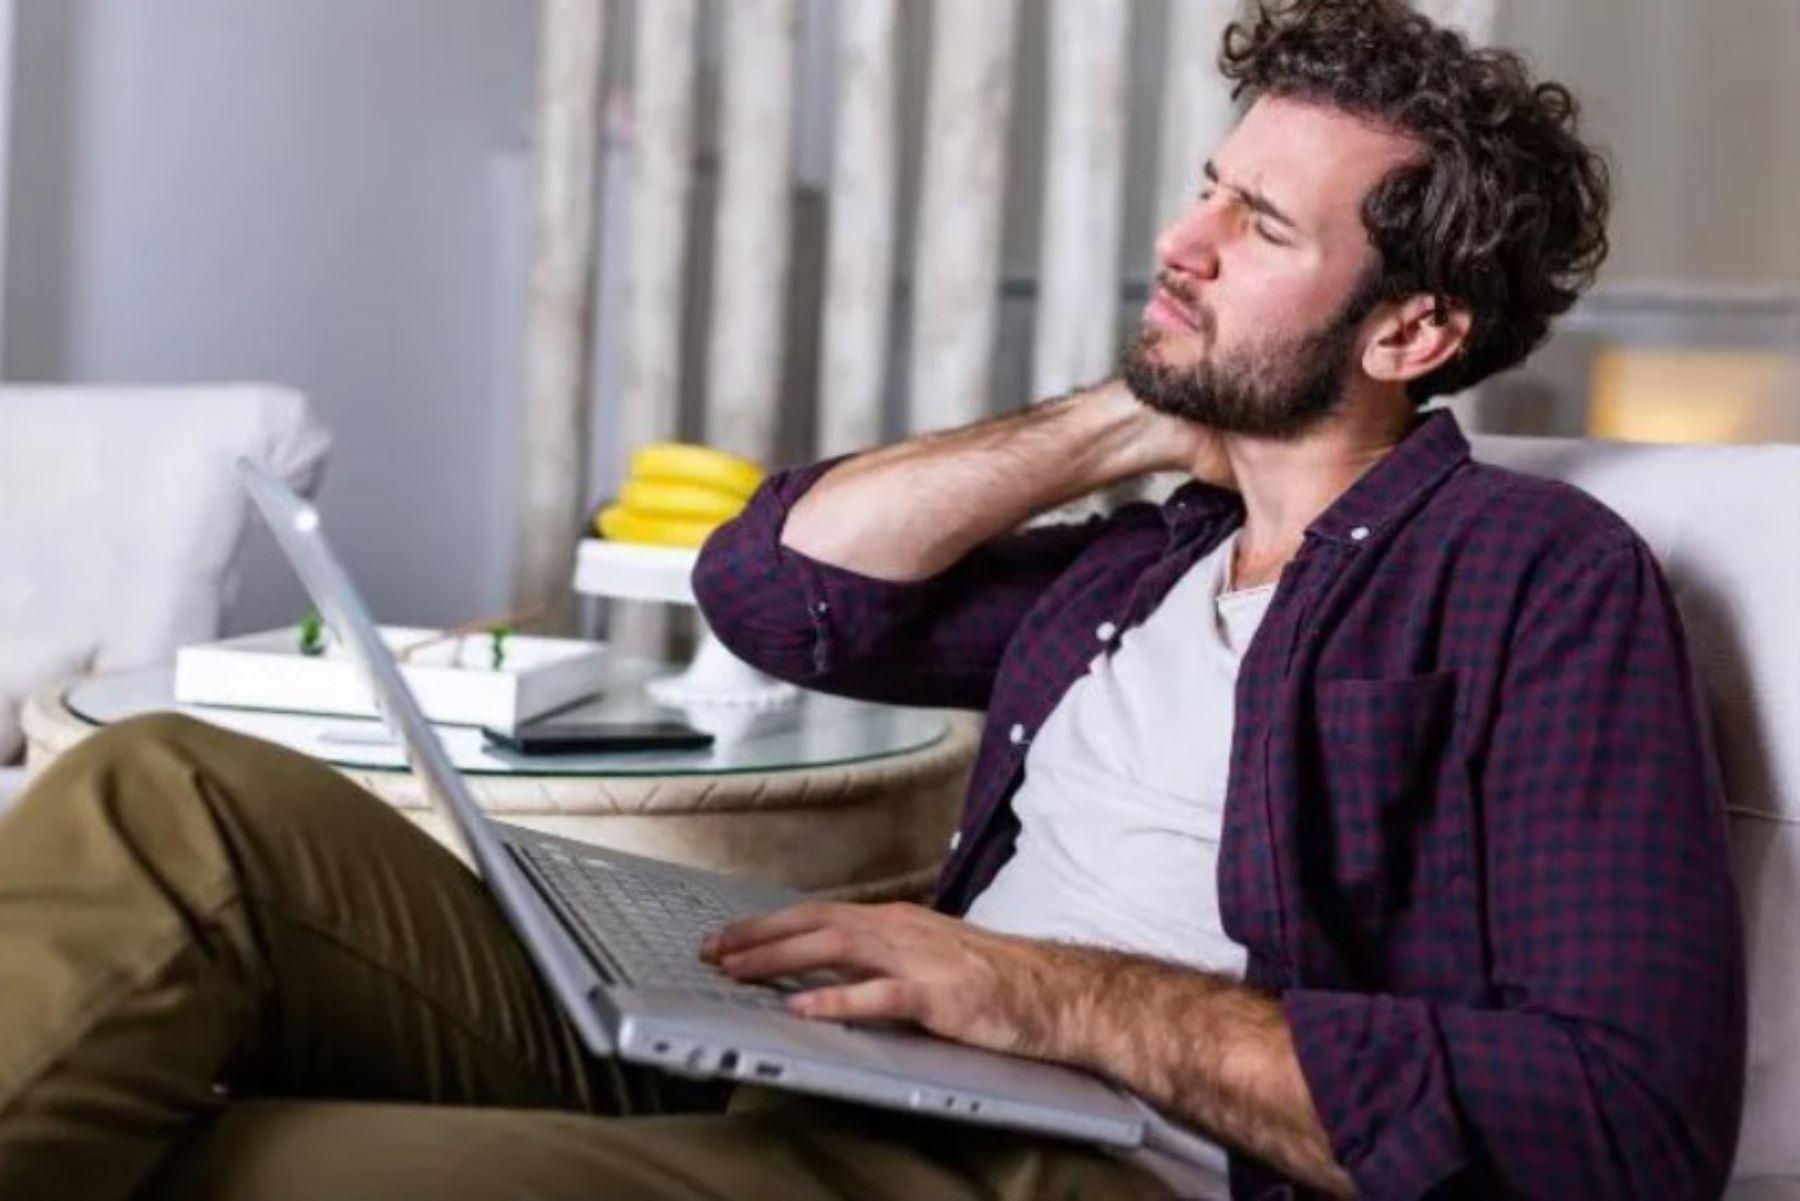 Trabajar en un sillón o cama no es lo ideal, porque causan contracturas musculares. Foto: ANDINA/internet.